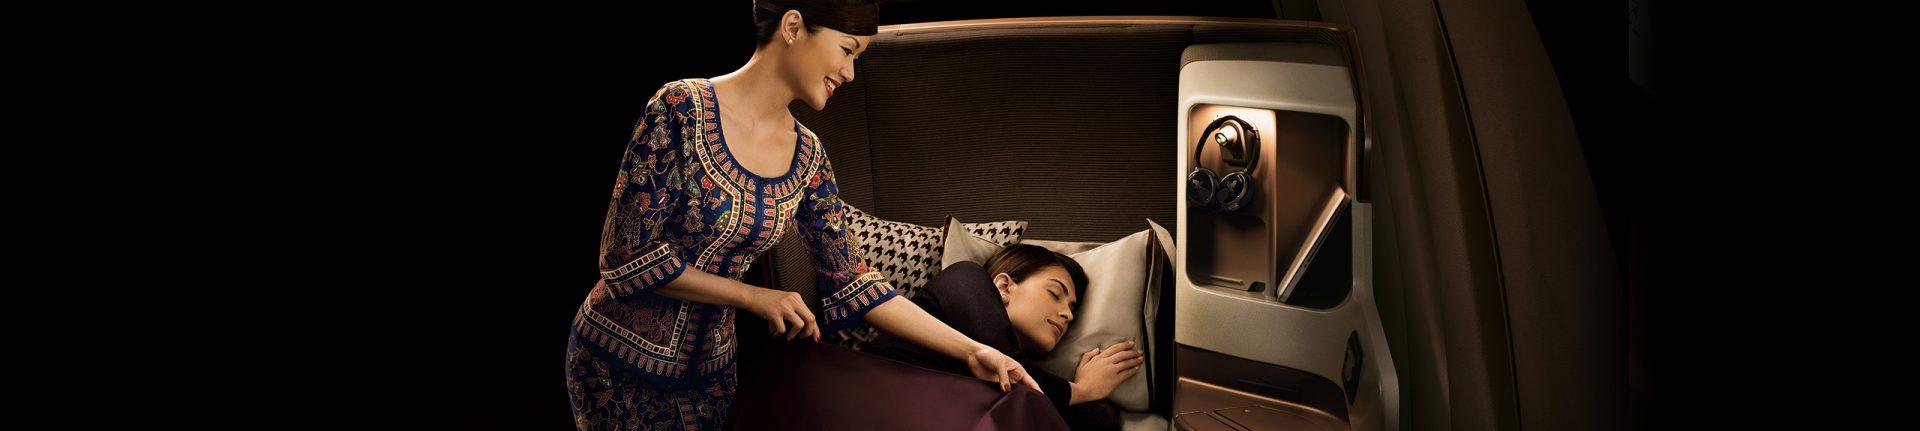 Singapore Business Class Sleeper